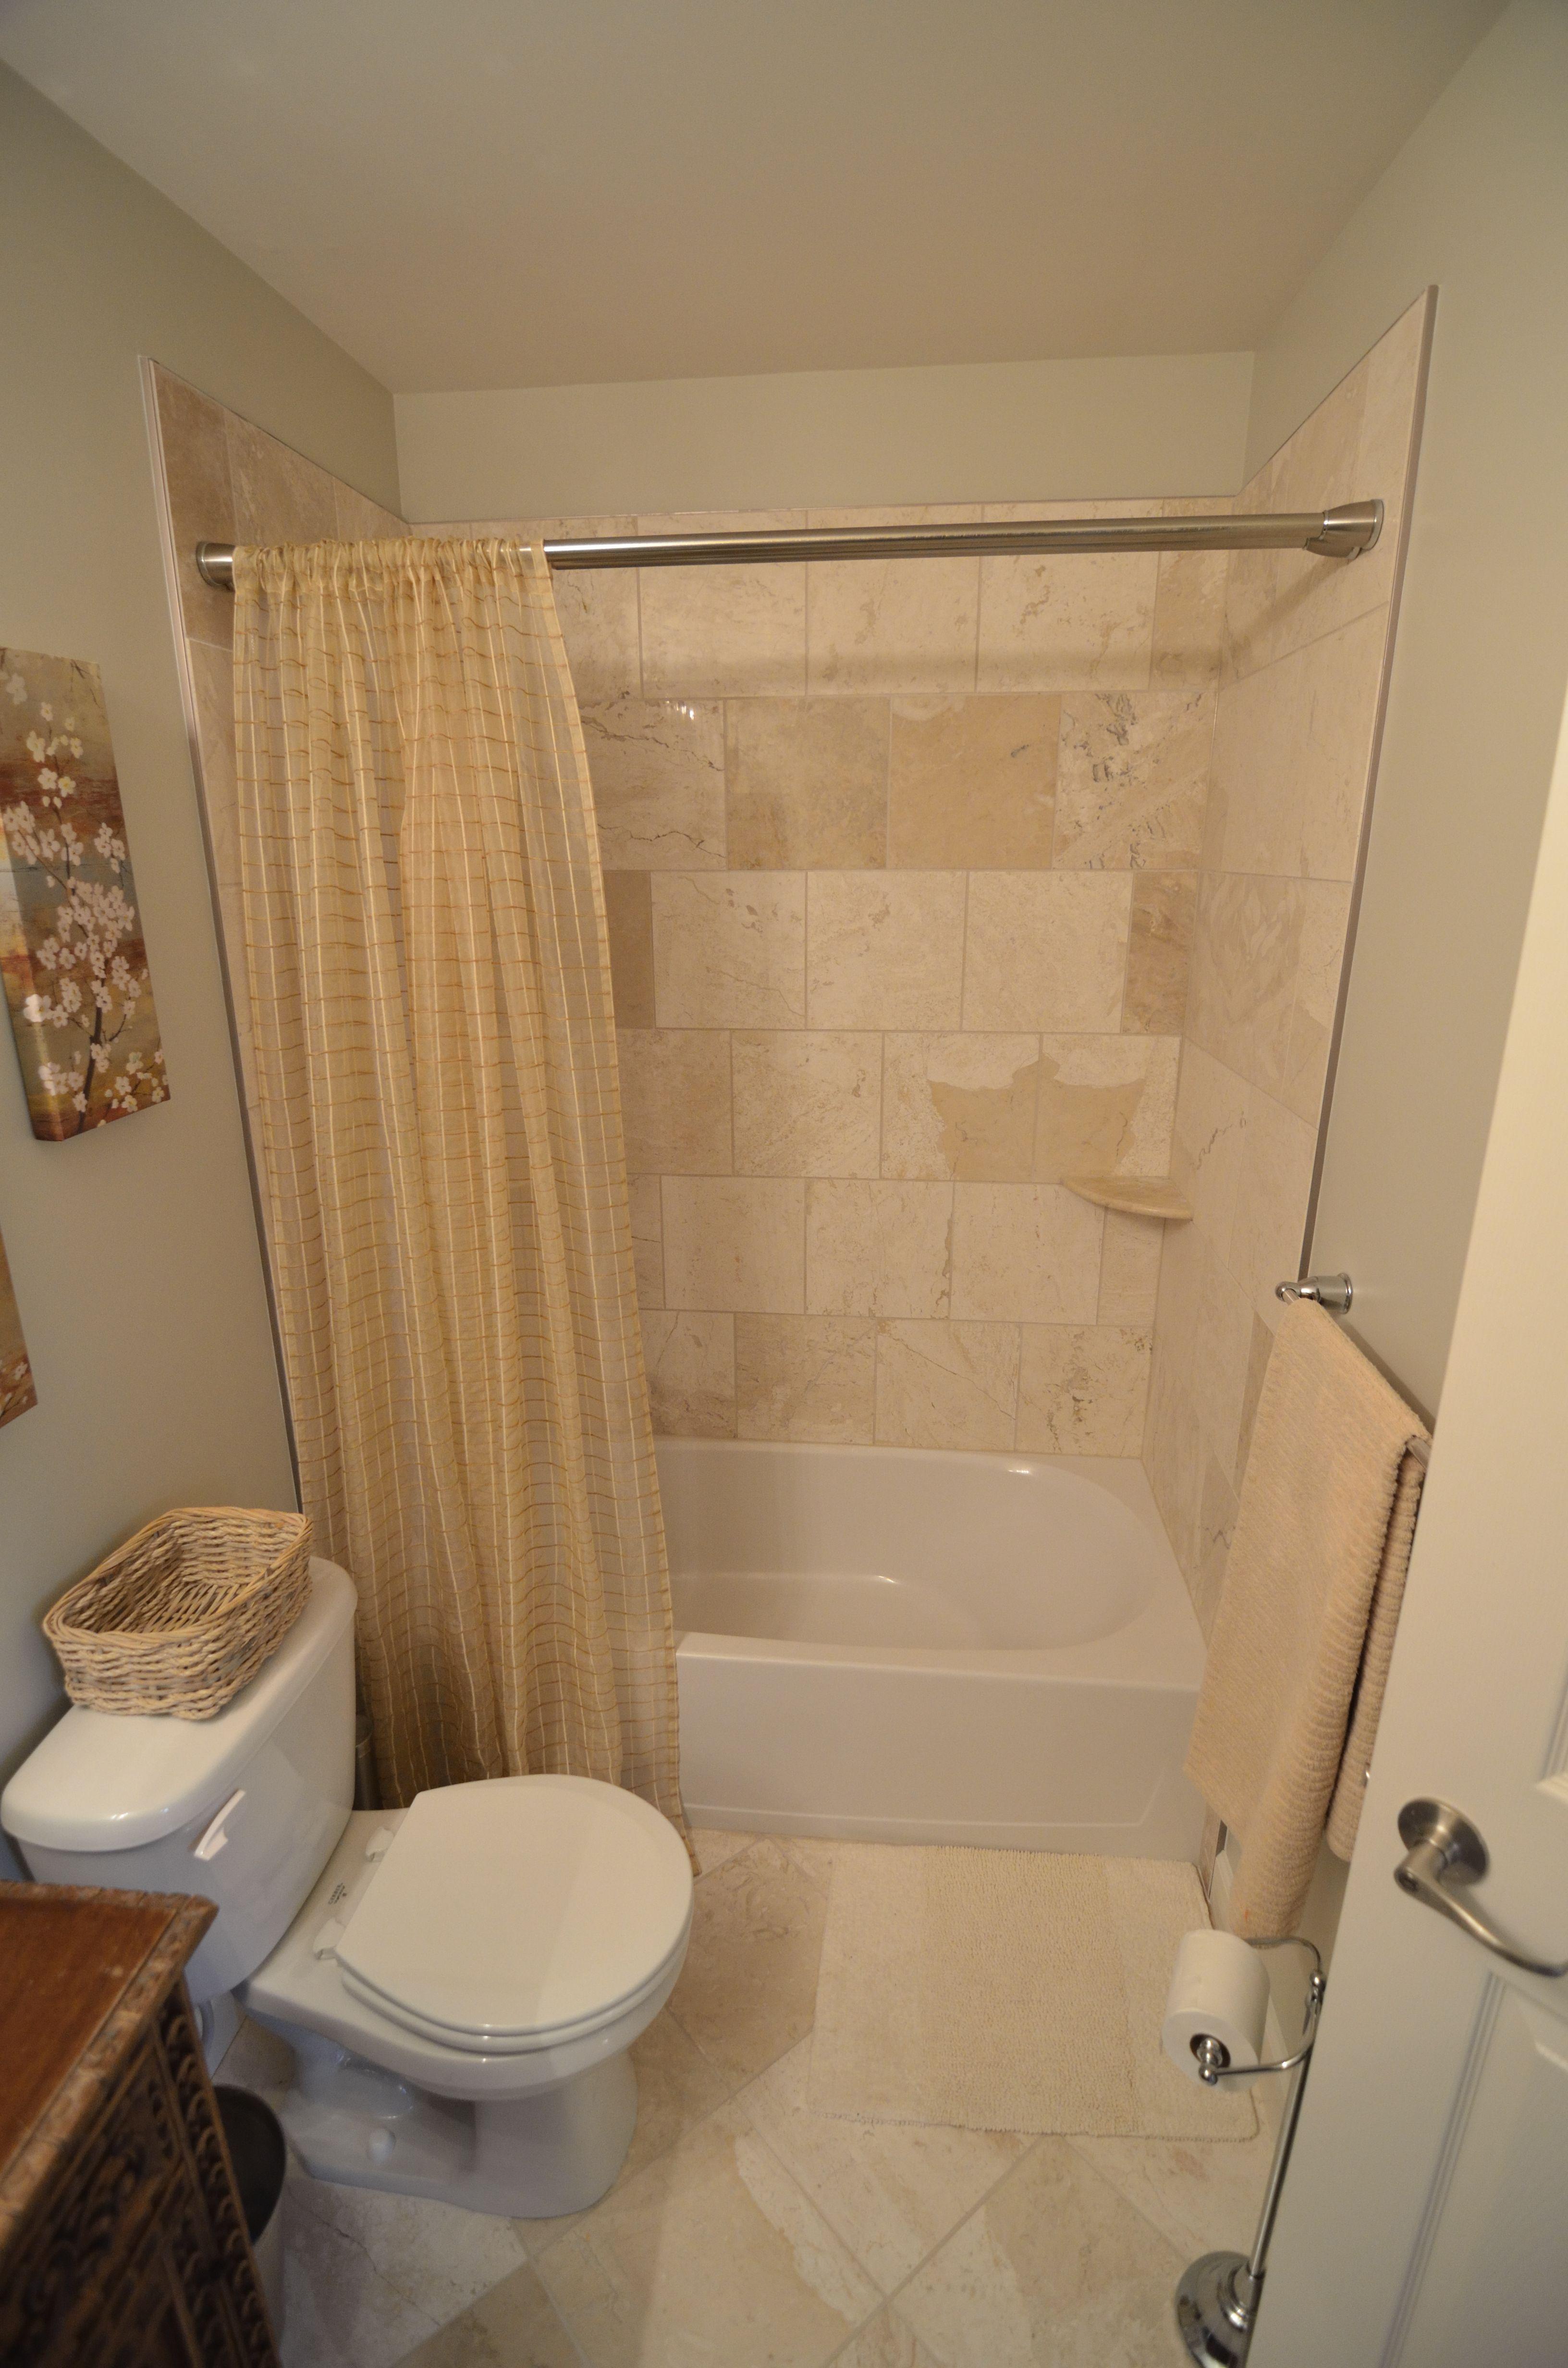 Bathroom Remodeling Voorhees Nj bathroom gallery | next level remodeling